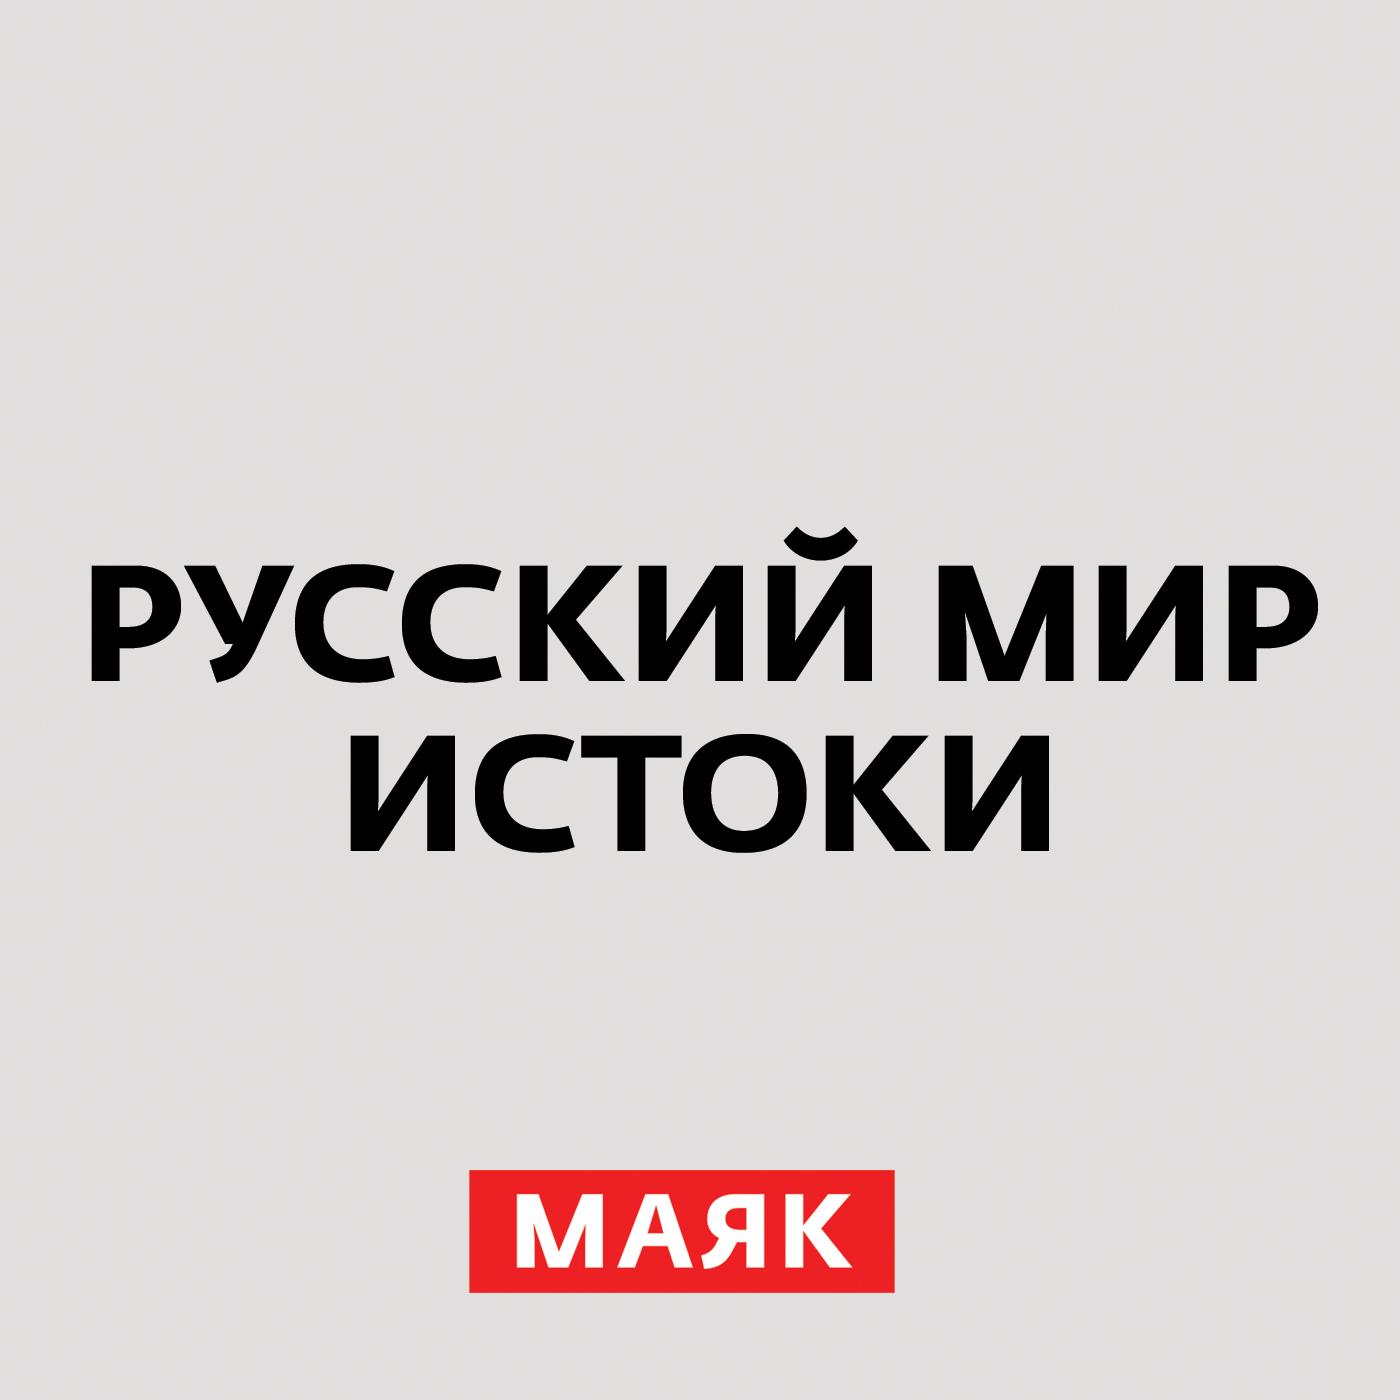 Творческий коллектив радио «Маяк» Екатерина II (часть 6) творческий коллектив радио маяк екатерина ii часть 6